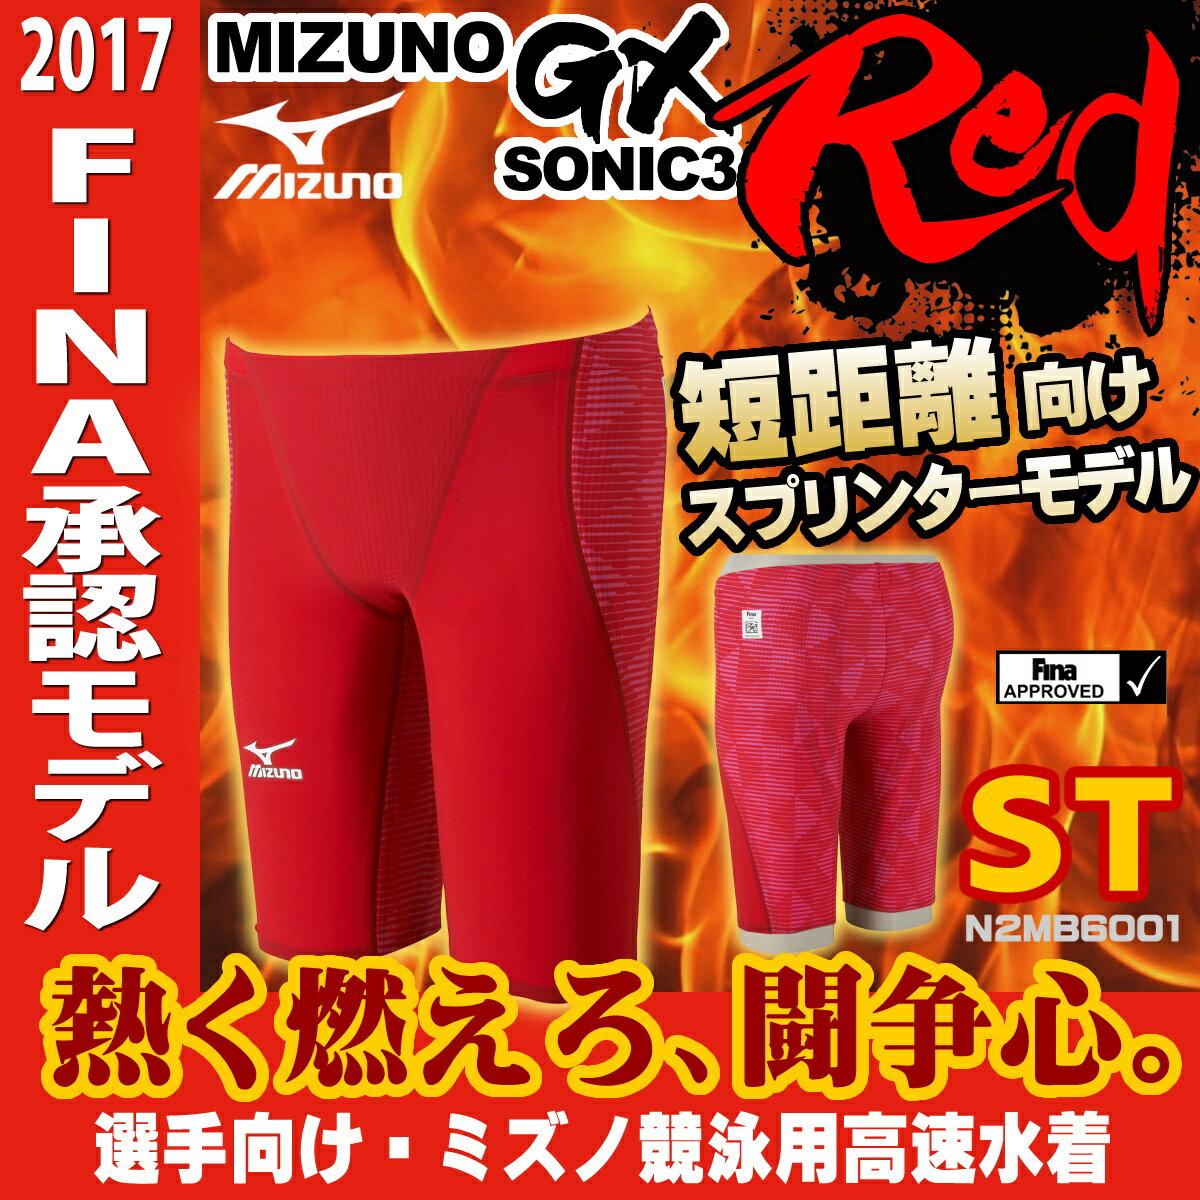 【決戦割クーポン対象】ミズノ Fina承認モデル 競泳水着 メンズ GX・SONIC3 ST RED スプリンター ハーフスパッツ 布帛素材 短距離 選手向き MIZUNO 高速水着 男性用 N2MB6001